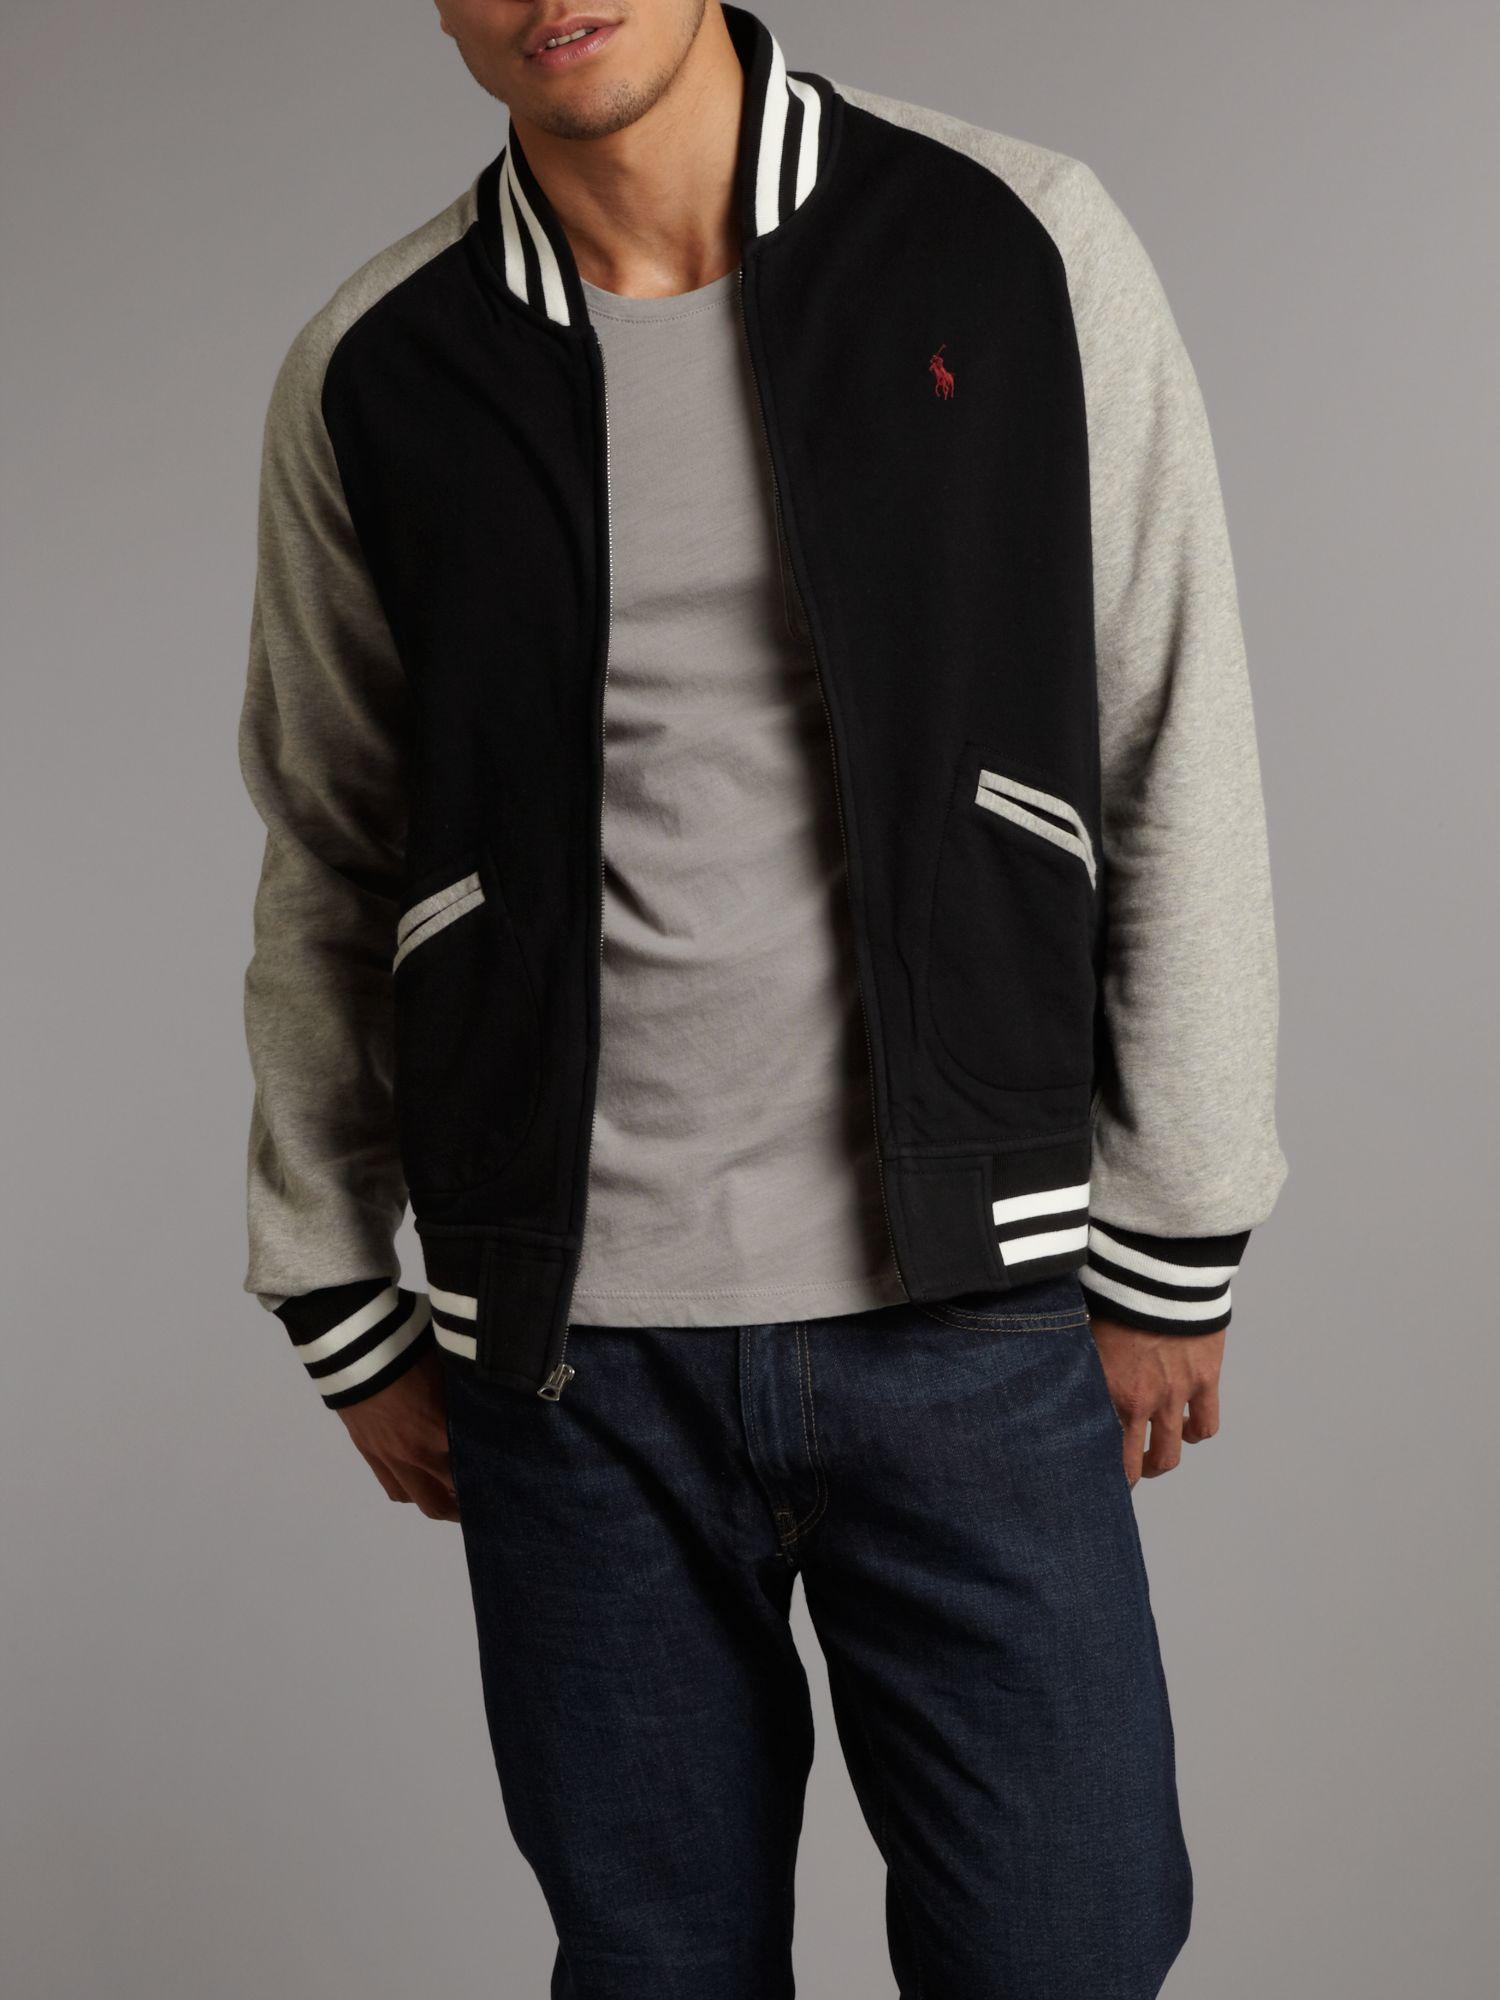 Polo ralph lauren Premier Fleece Baseball Jacket in Black for Men ...